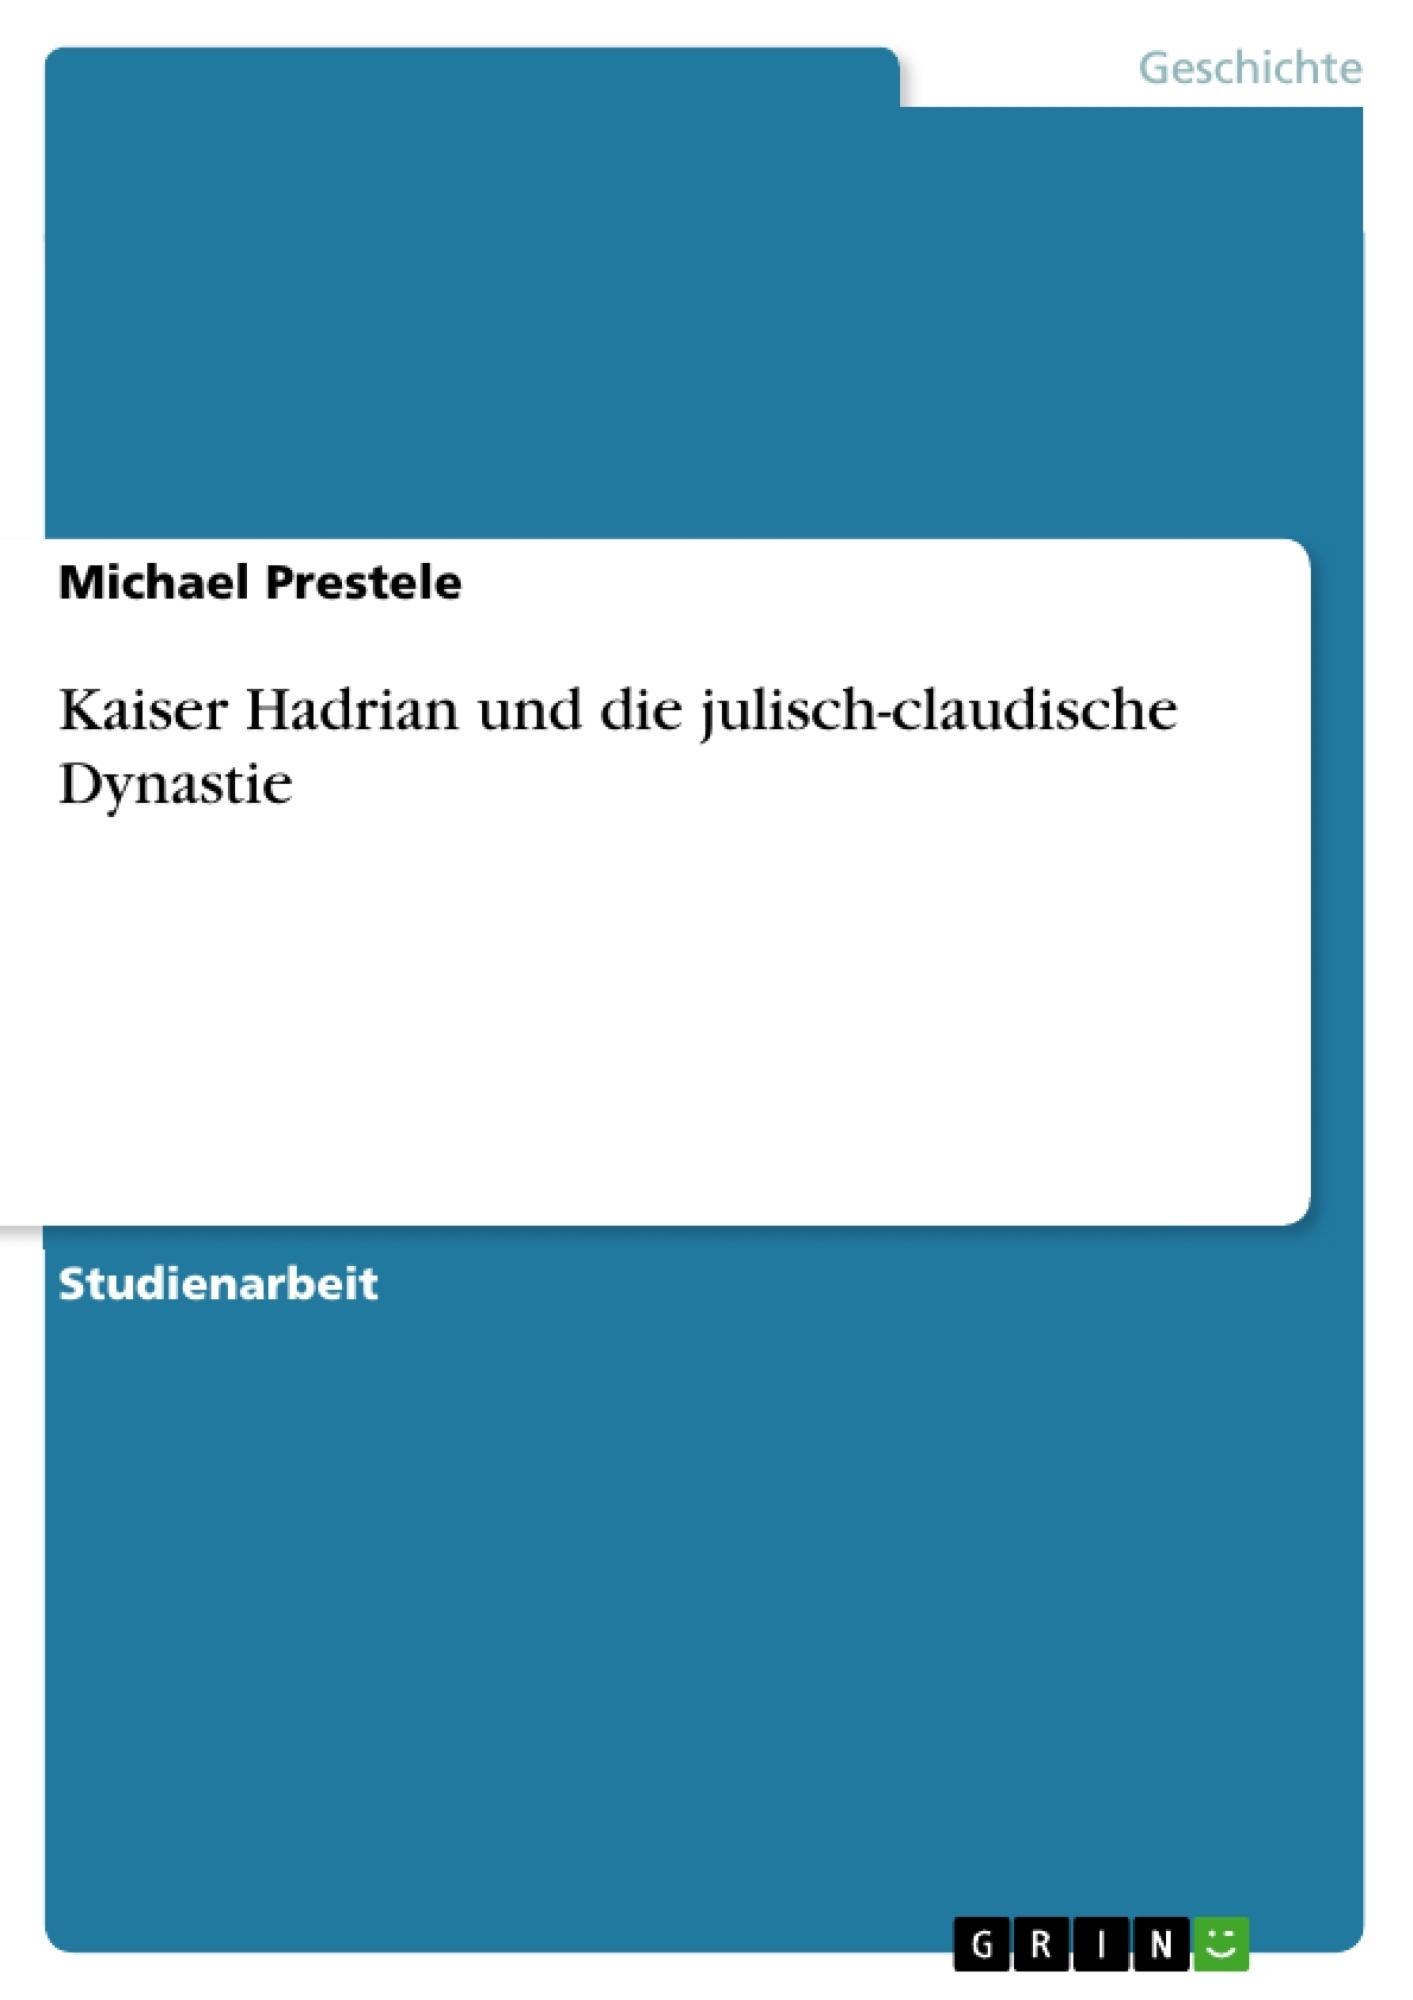 Titel: Kaiser Hadrian und die julisch-claudische Dynastie